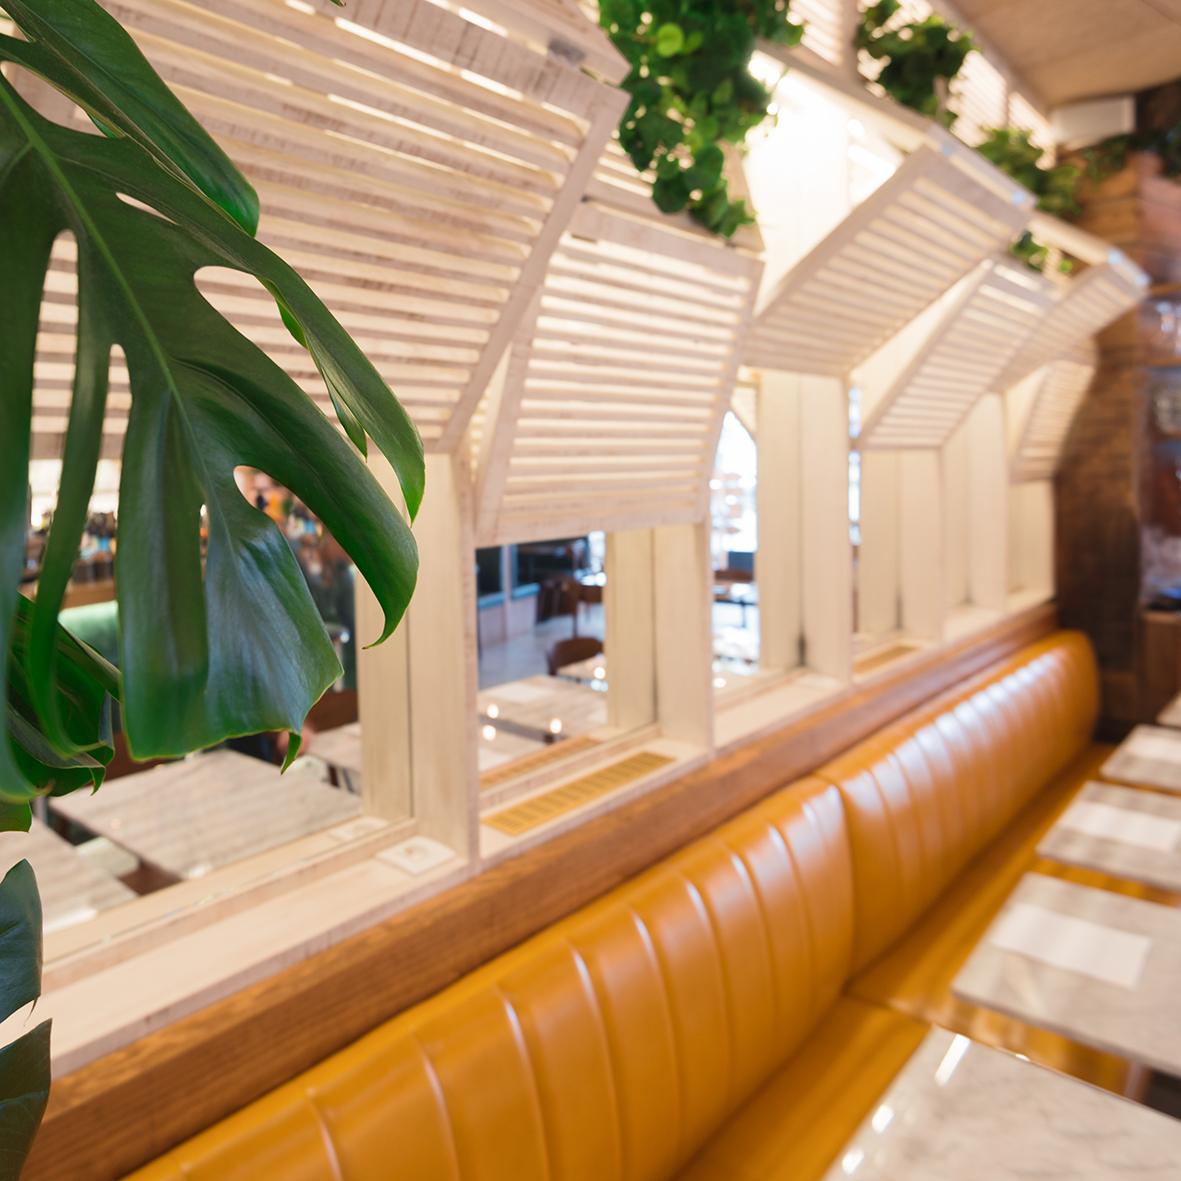 michael malapert interior design architecte d 39 int rieur paris. Black Bedroom Furniture Sets. Home Design Ideas